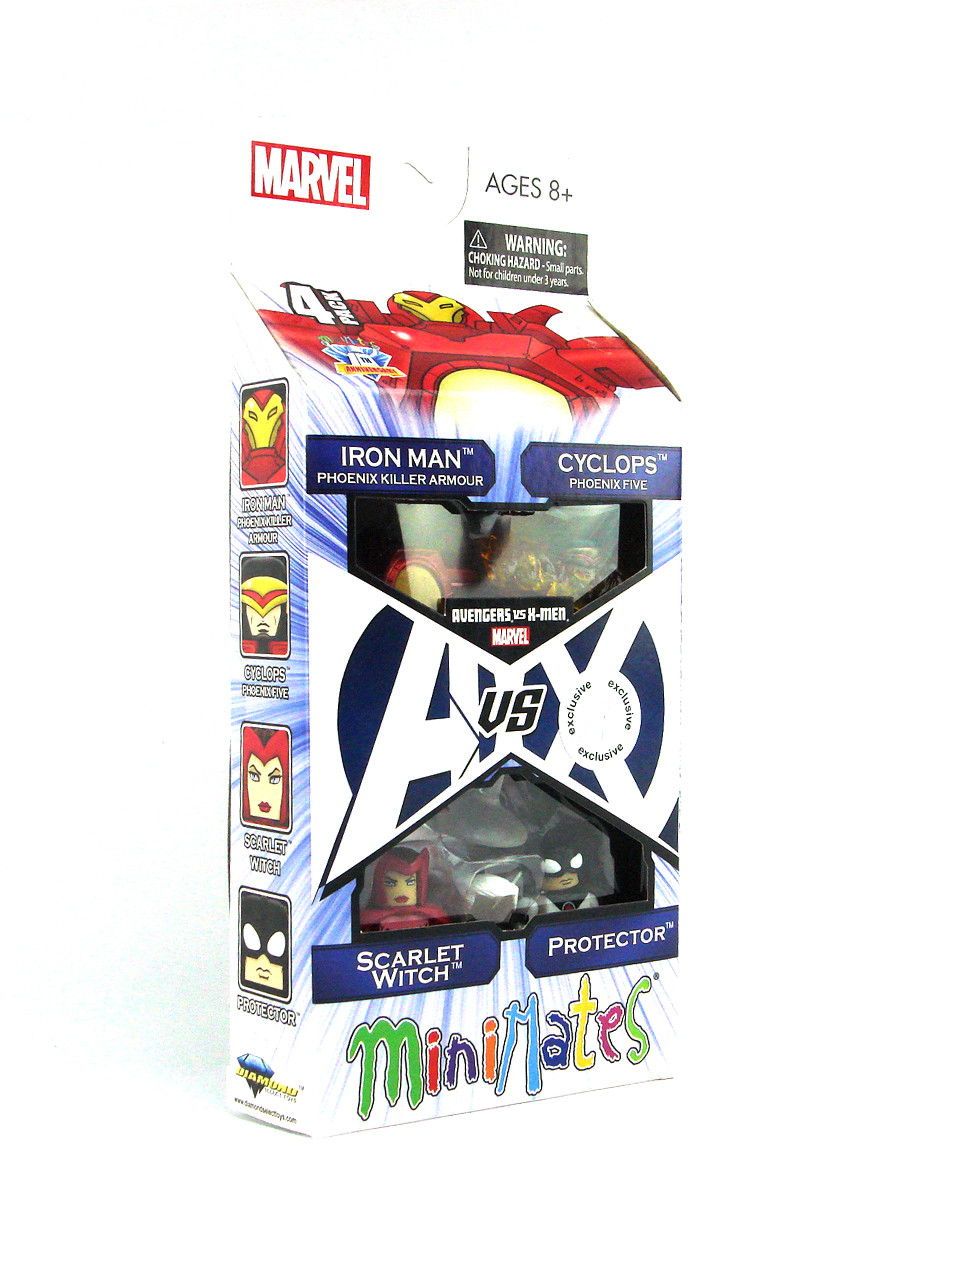 Marvel Minimates Avengers vs X-Men # 2 Phoenix Killer Iron Man